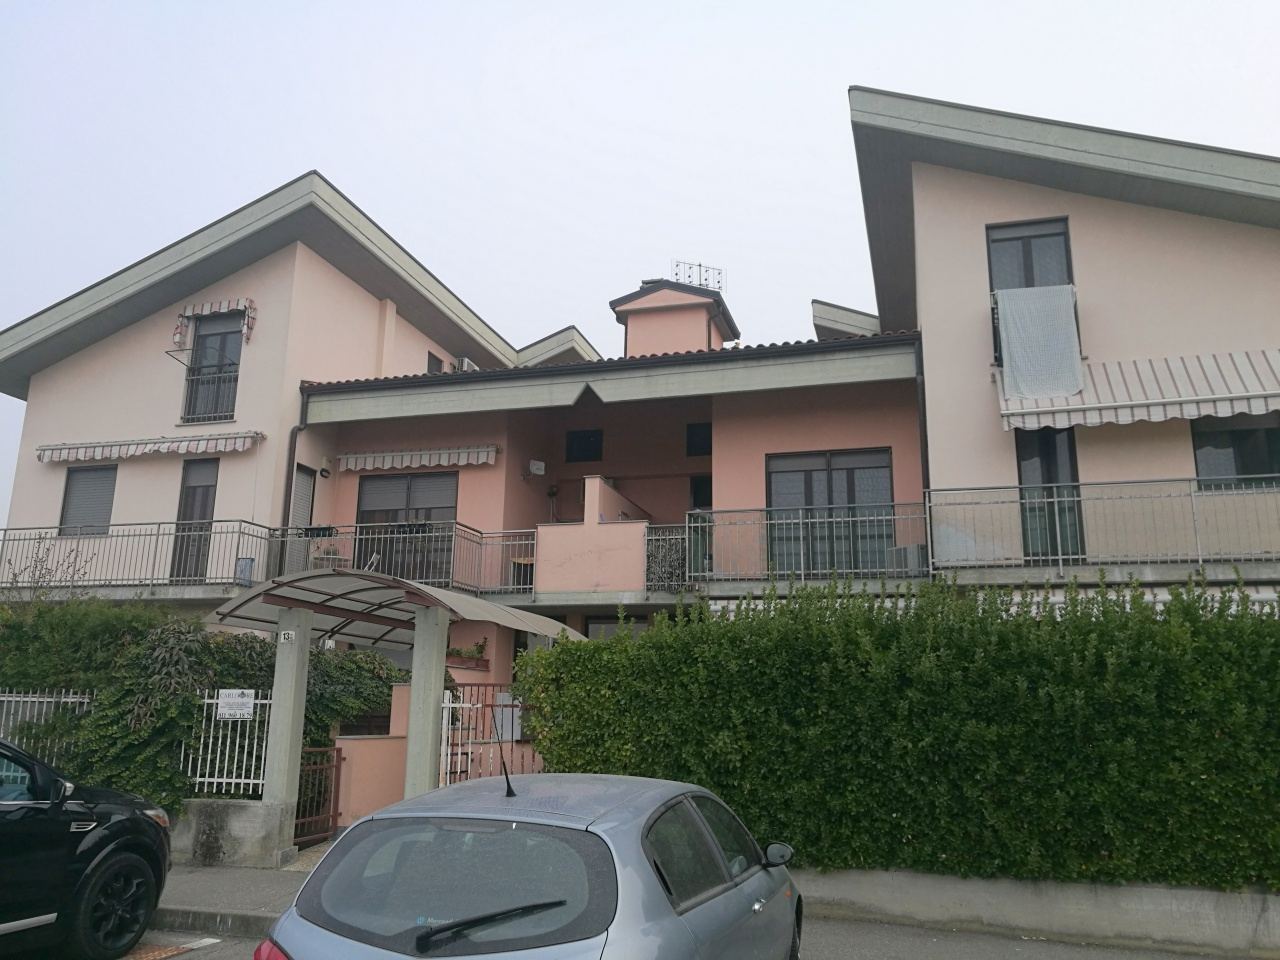 Appartamento in vendita a Verolengo, 3 locali, prezzo € 49.000 | CambioCasa.it